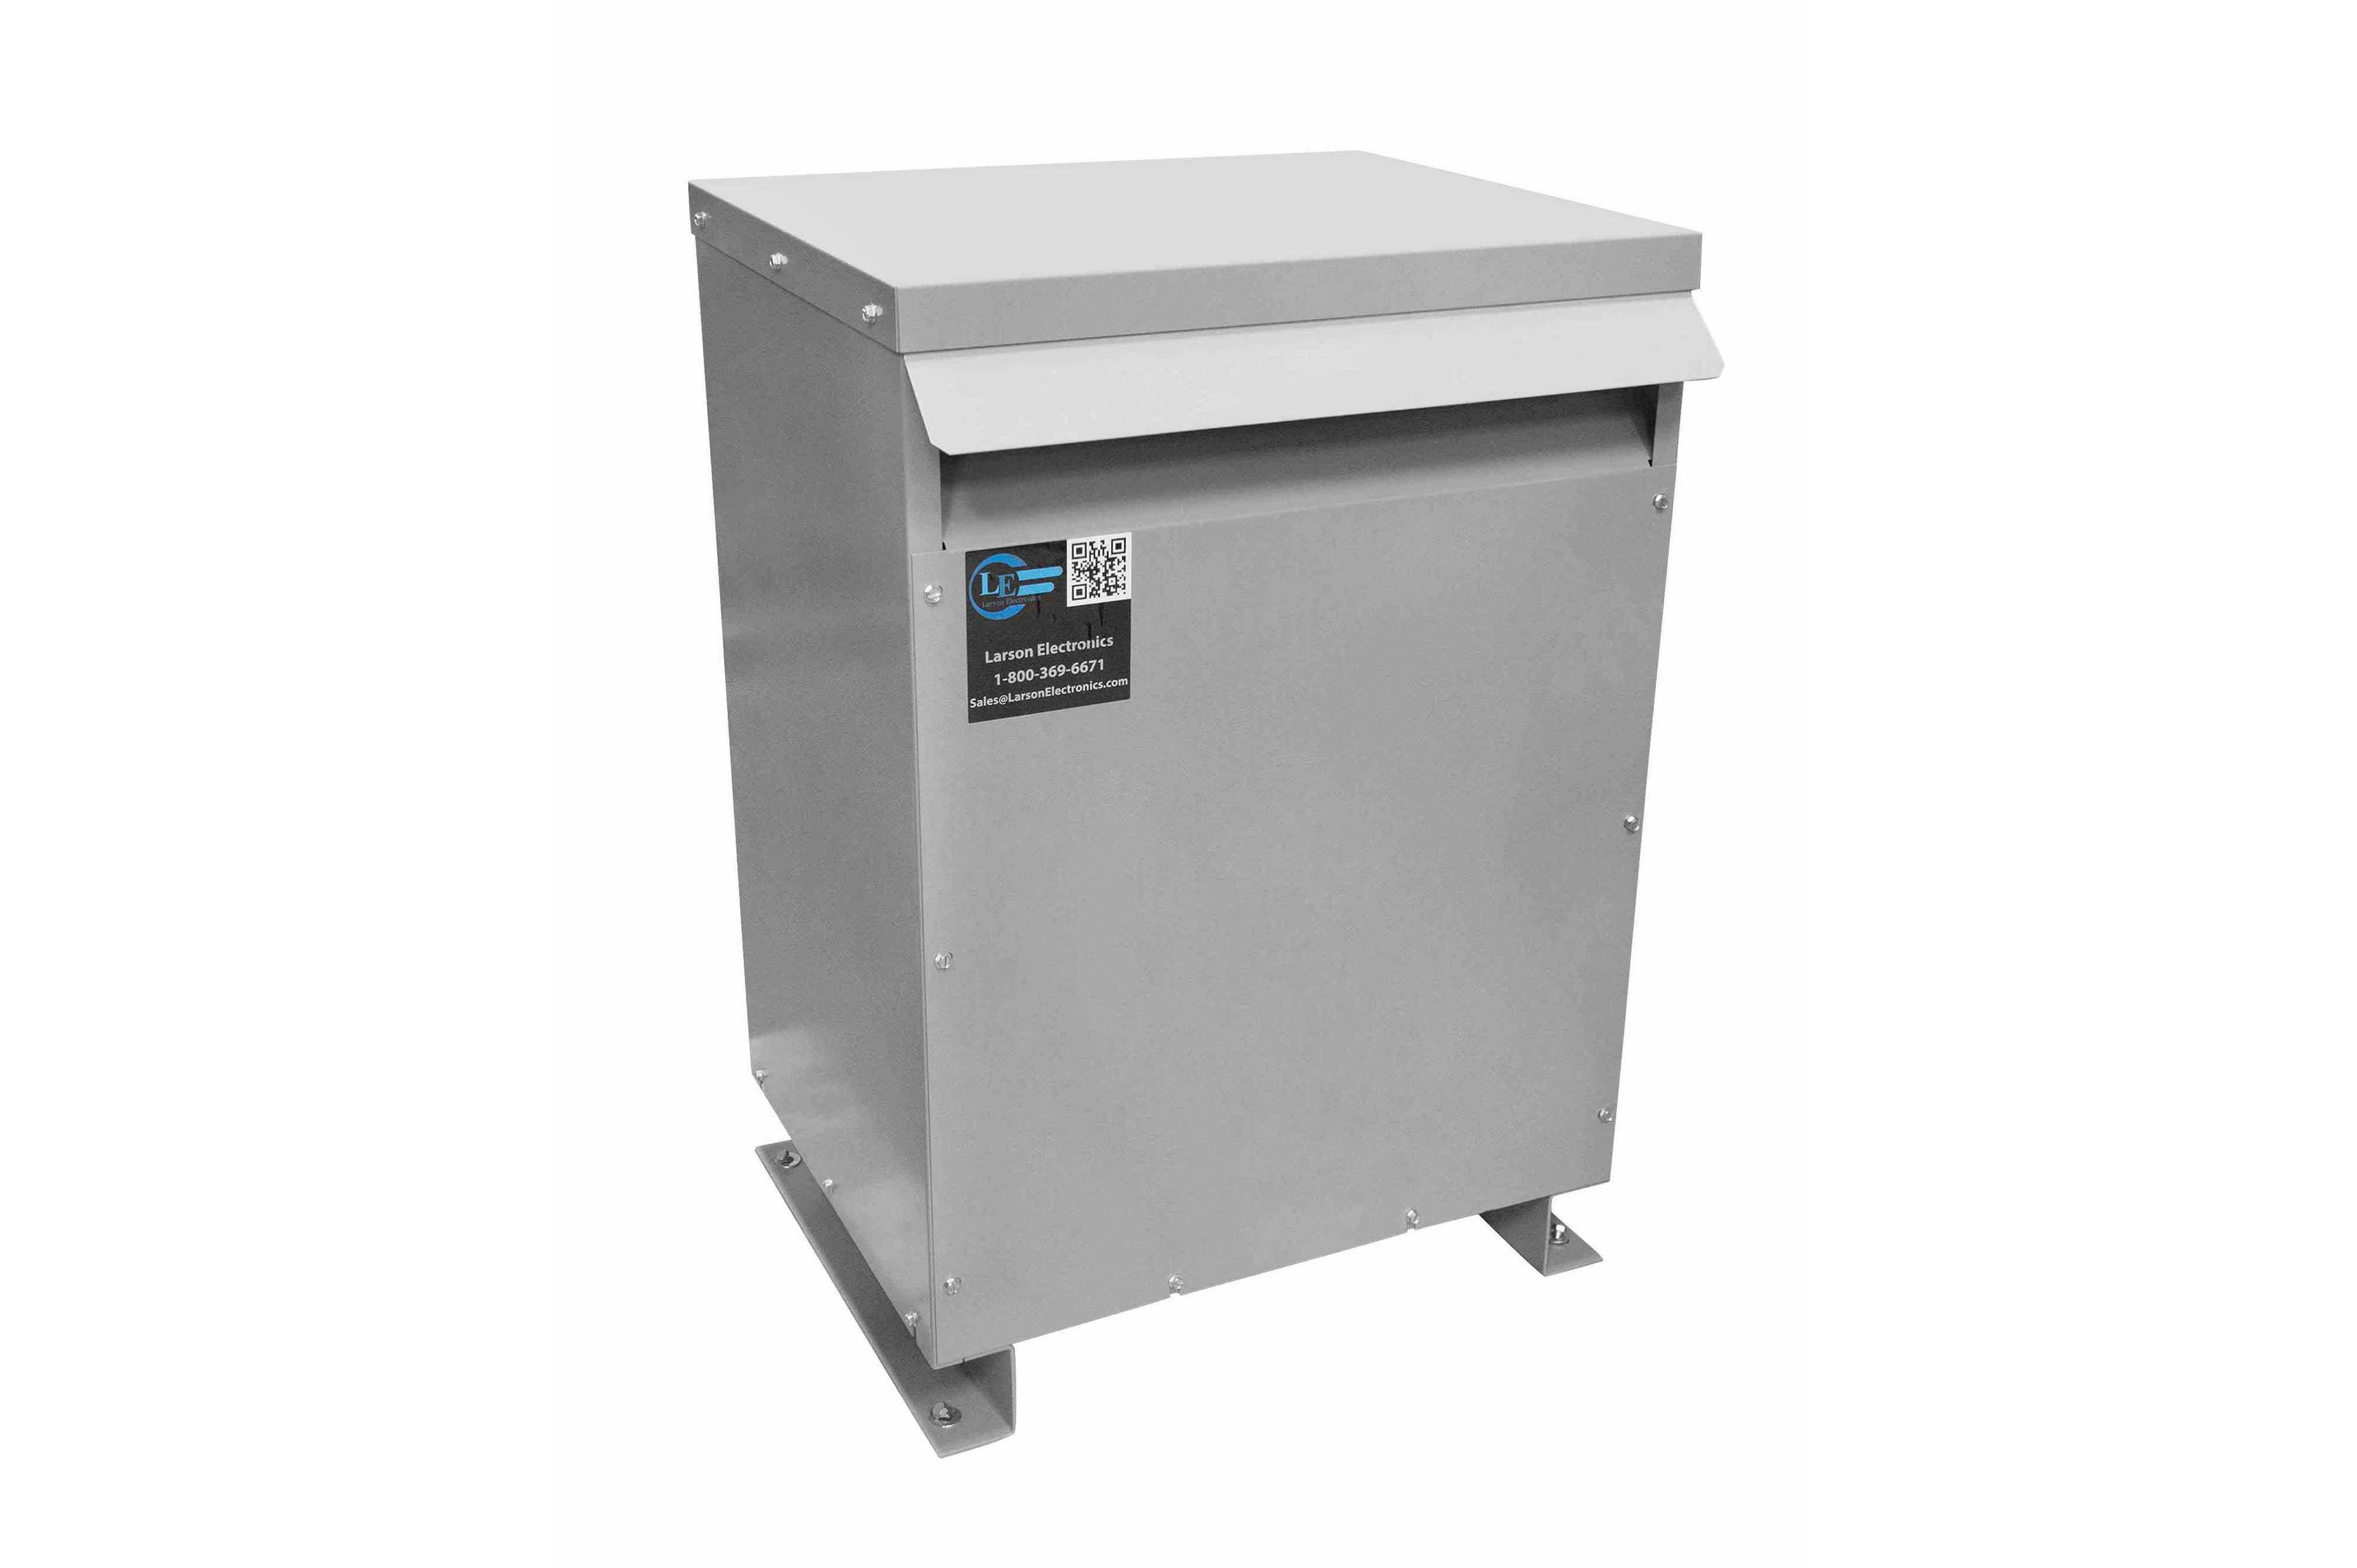 750 kVA 3PH Isolation Transformer, 400V Delta Primary, 480V Delta Secondary, N3R, Ventilated, 60 Hz